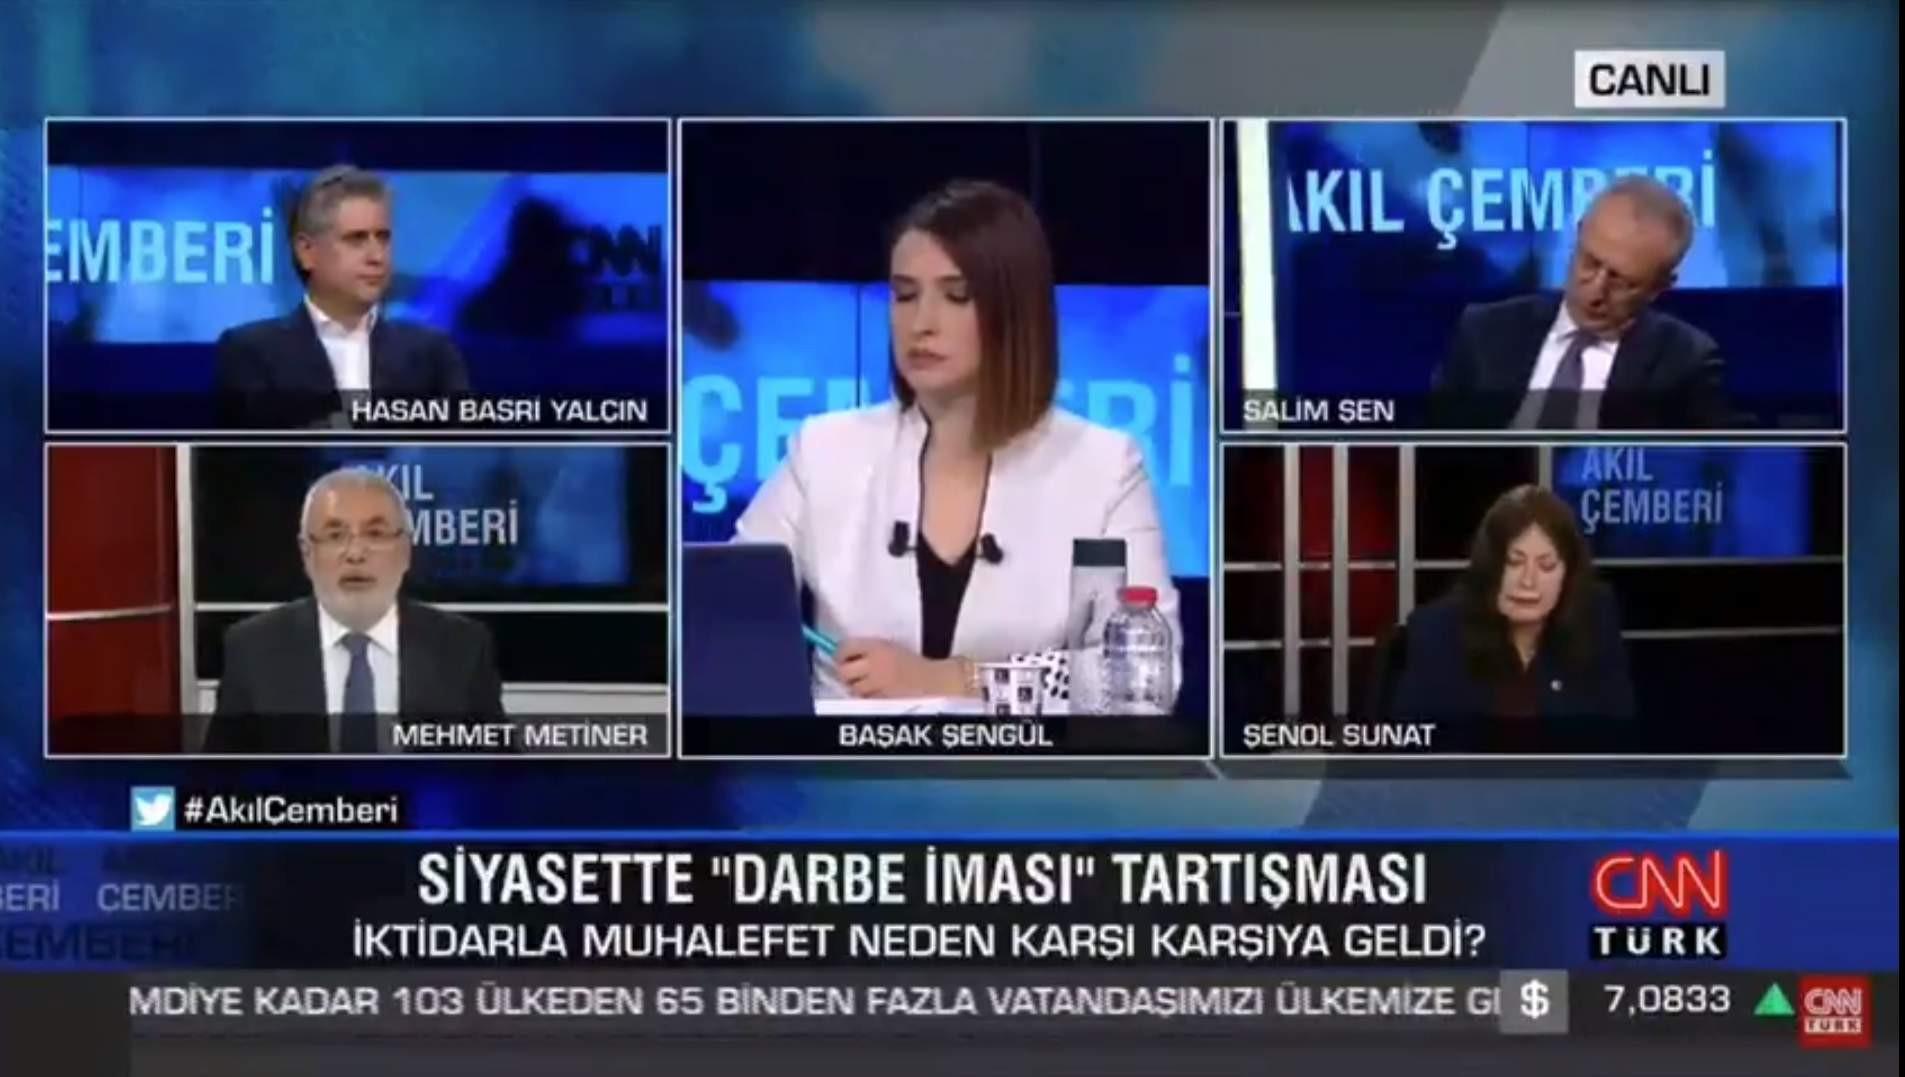 CNN Türk canlı yayınında ''güçlü ekonomi'' mesajı verilirken...